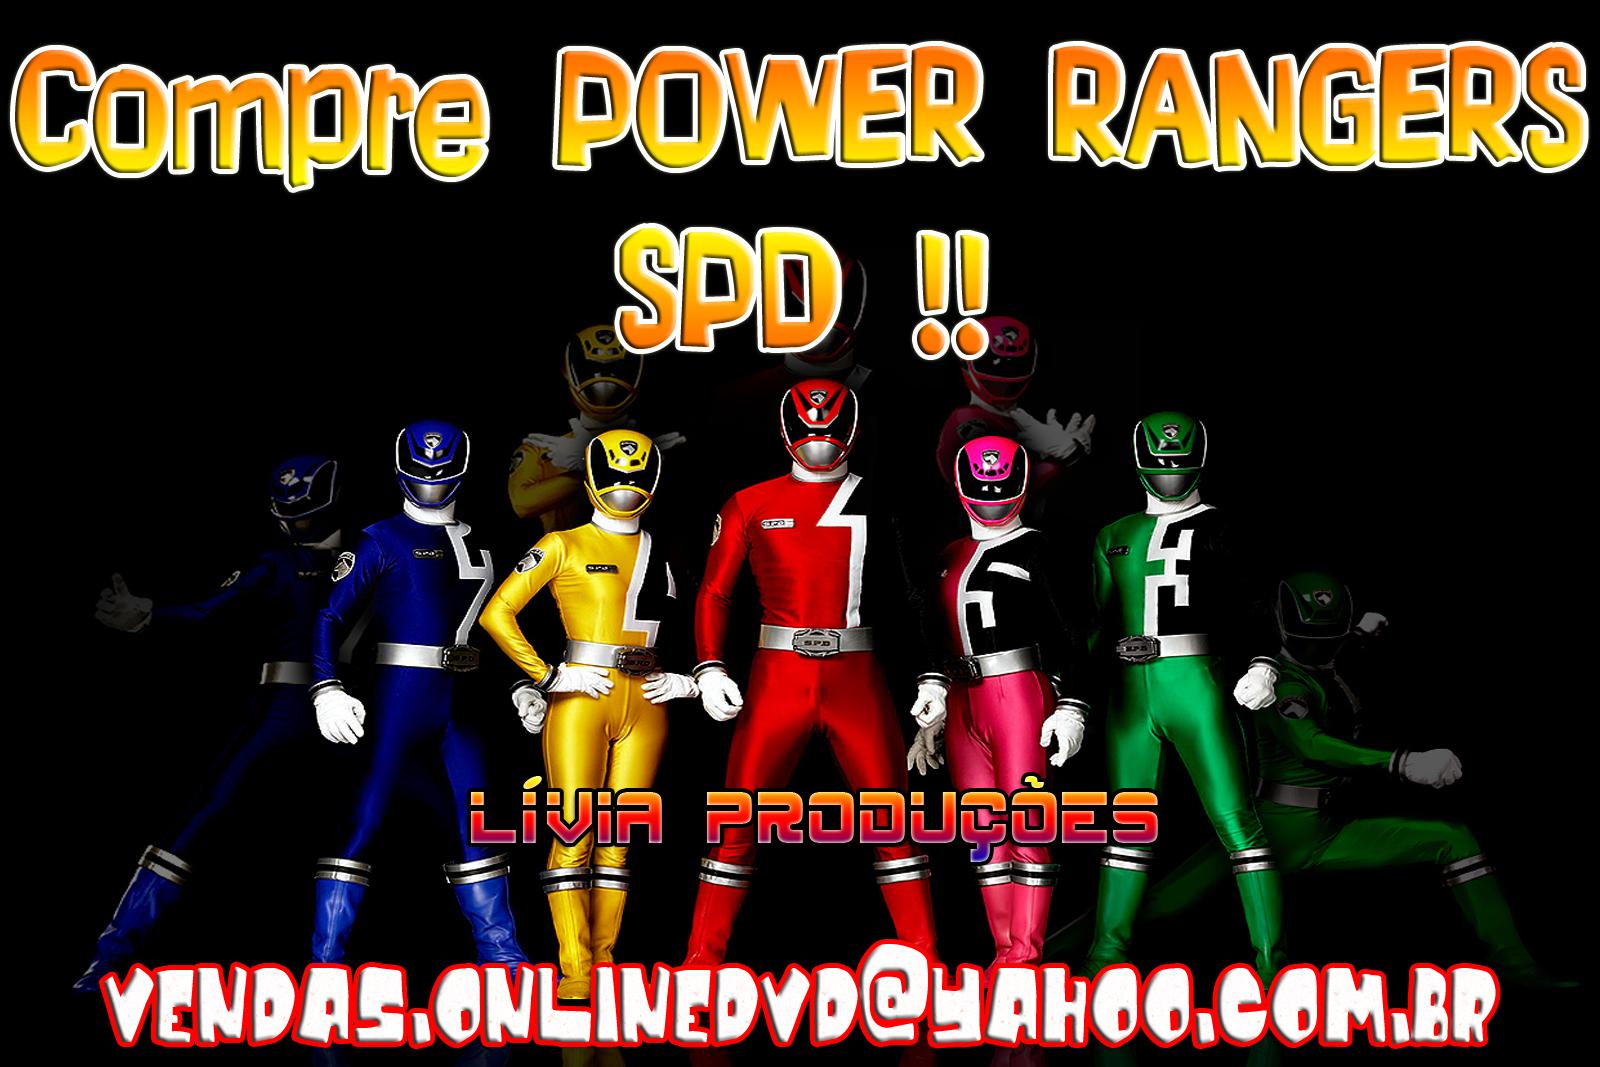 http://3.bp.blogspot.com/-OYlfeQONQyc/TWhG2DfKzfI/AAAAAAAACxE/CuGeerQbGOE/s1600/POWER+RANGERS+SPD+.jpg